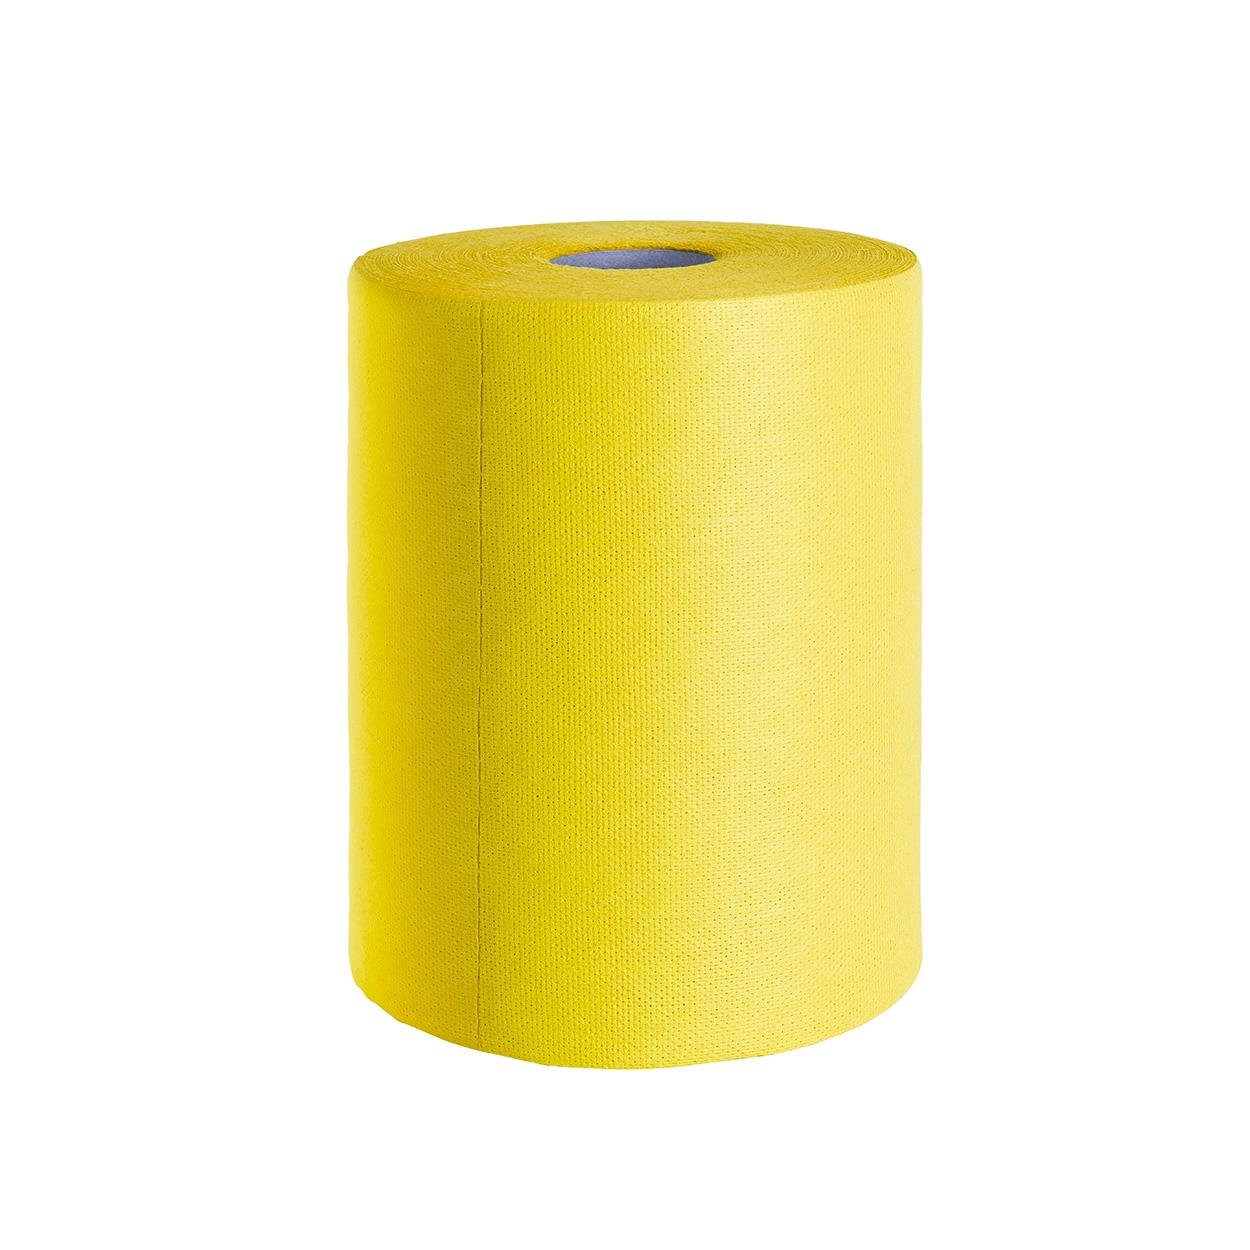 Barevná utěrka pro hrubé čištění - žlutá